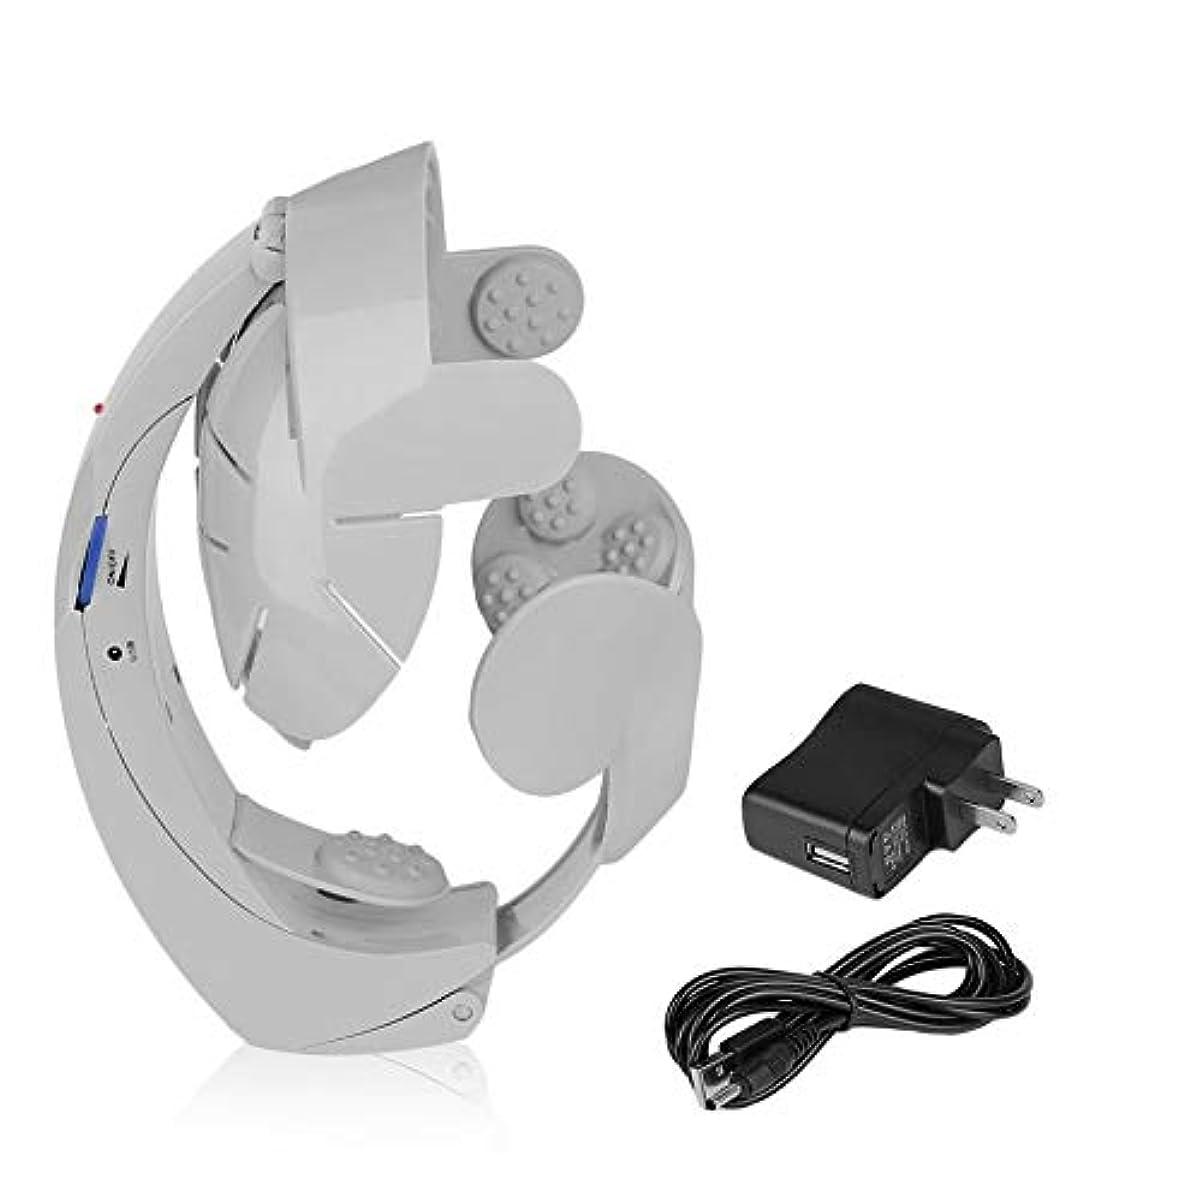 付ける動力学ゼロ電気ヘッドマッサージャーの脳のマッサージは刺鍼術ポイント灰色の方法を緩めます-Innovationo